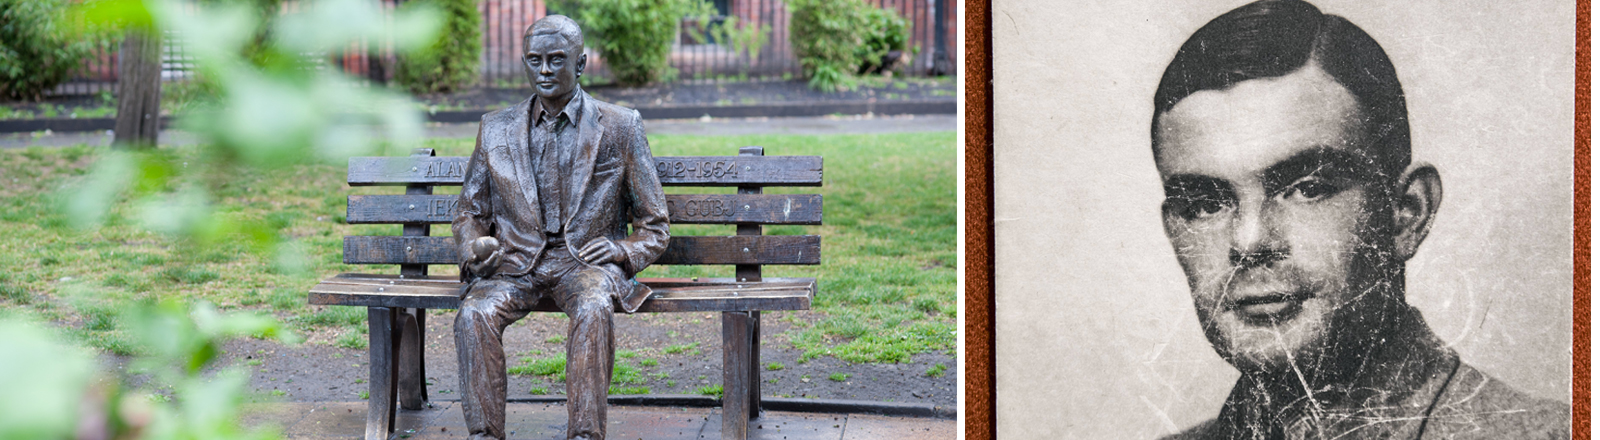 Alan-Turing-Denkmal in Manchester und sein Bild als Student in Cambridge